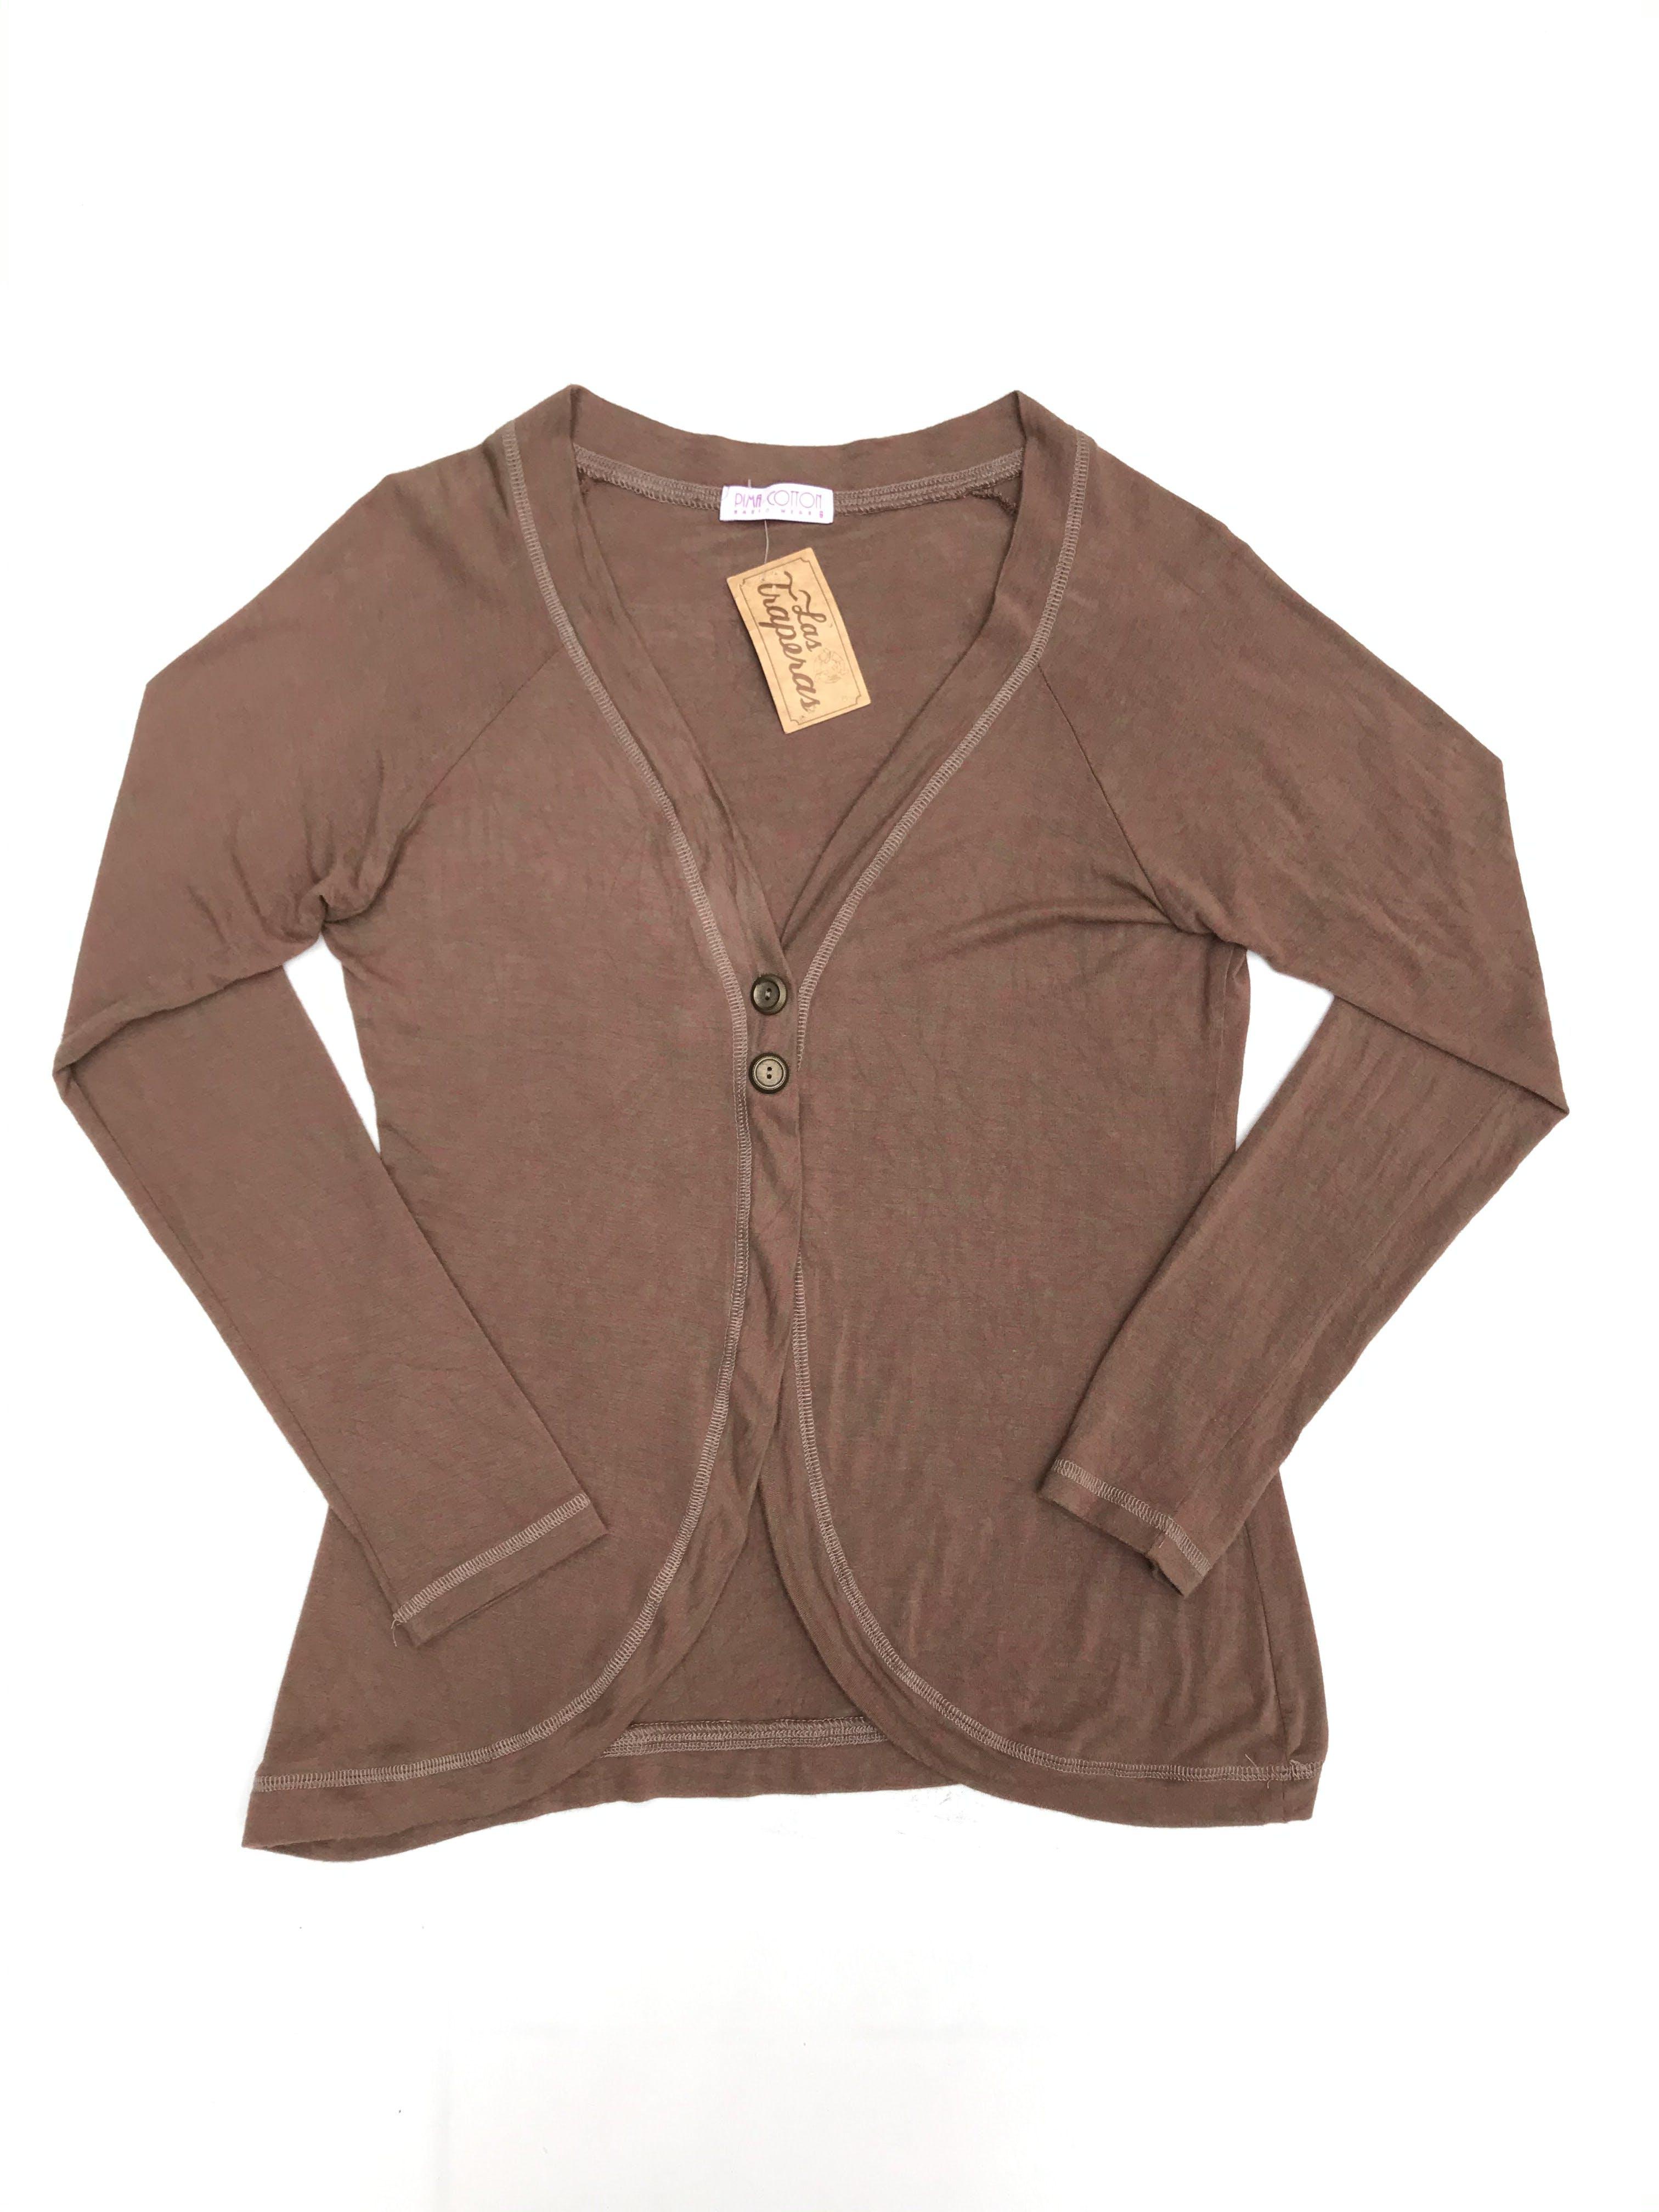 Cardigan jaspeado marrón y rosado, algodón pima rico al tacto